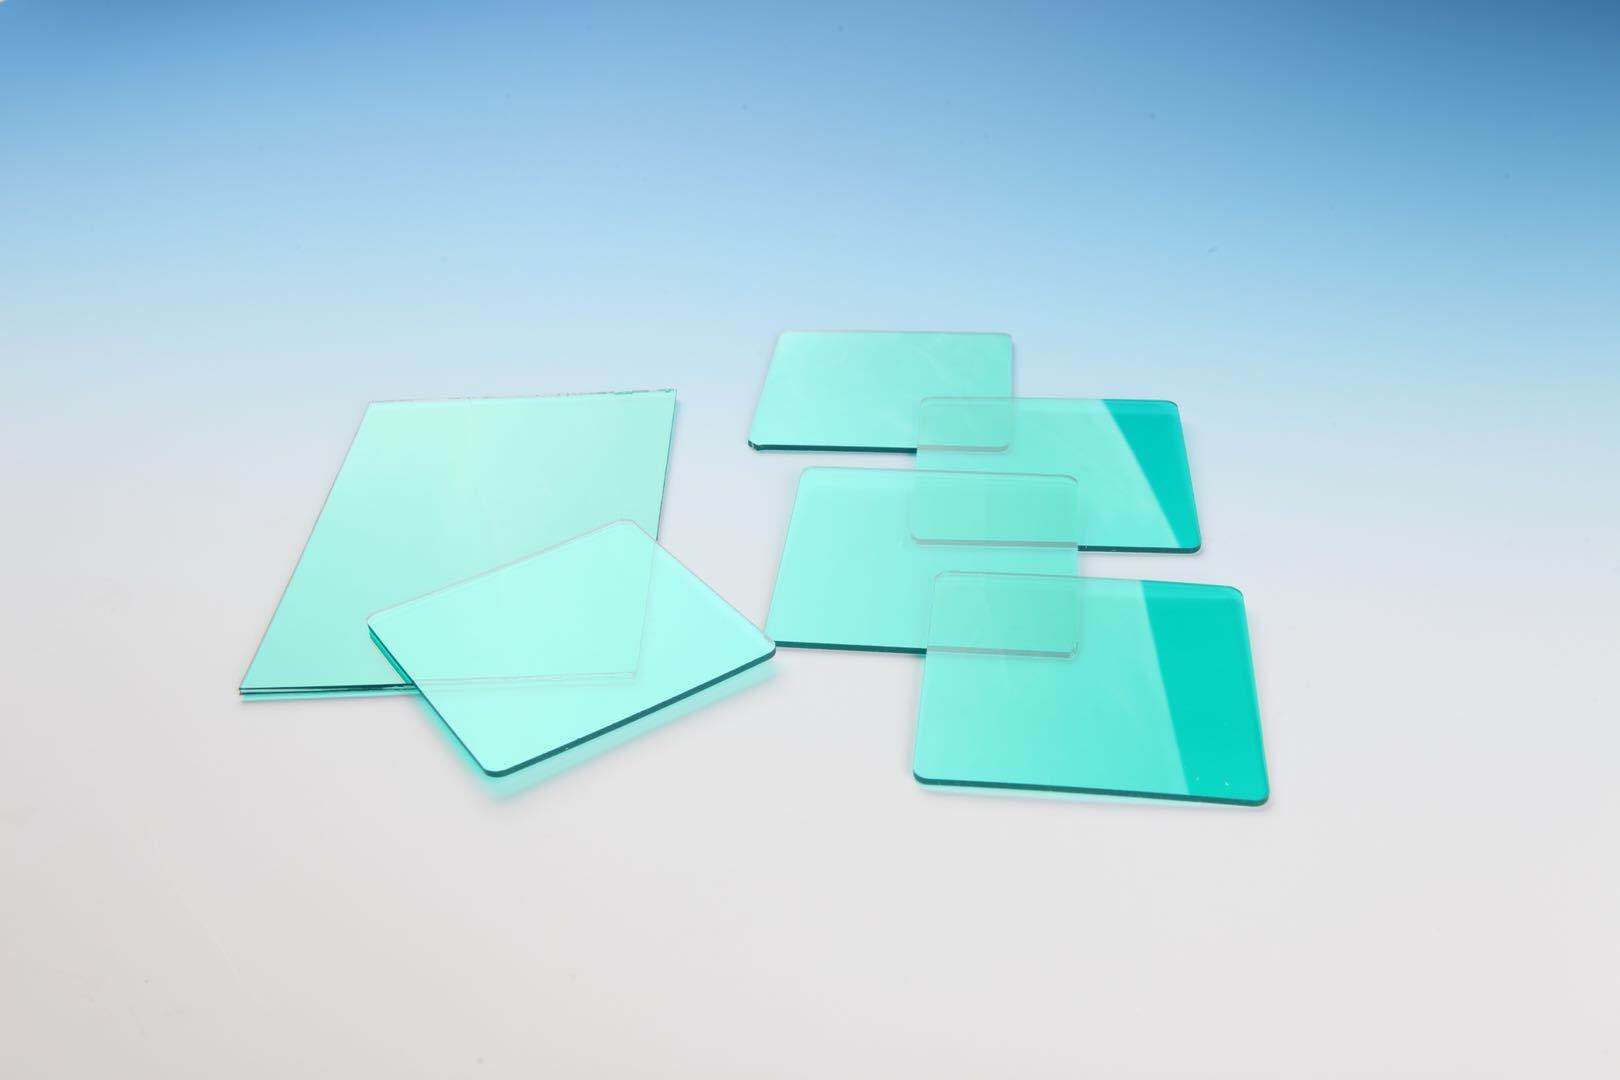 如何使多余水分远离APET片材挤出生产?